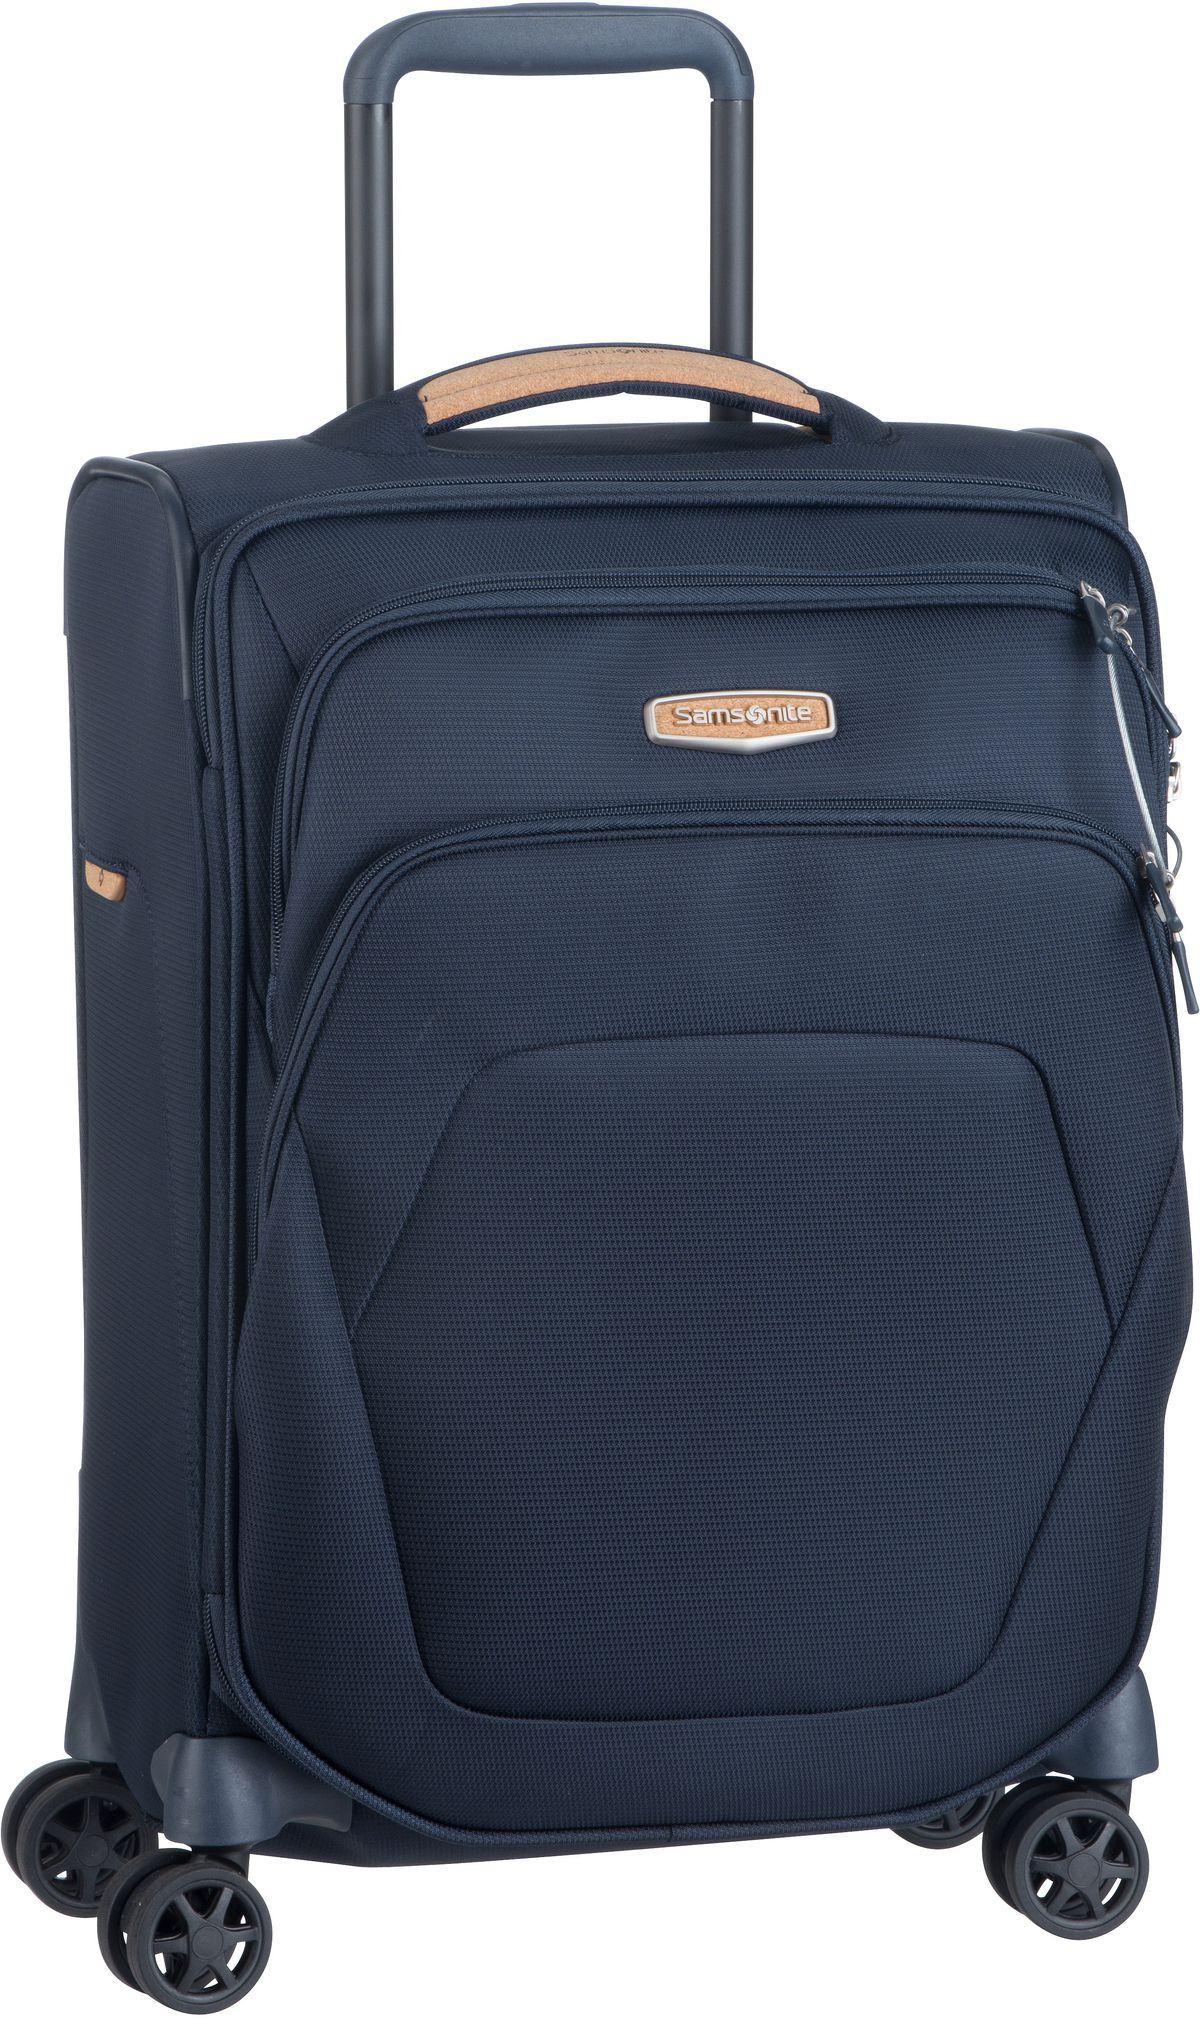 Reisegepaeck für Frauen - Samsonite Trolley Koffer Spark SNG ECO Spinner 55 Eco Blue (43 Liter)  - Onlineshop Taschenkaufhaus